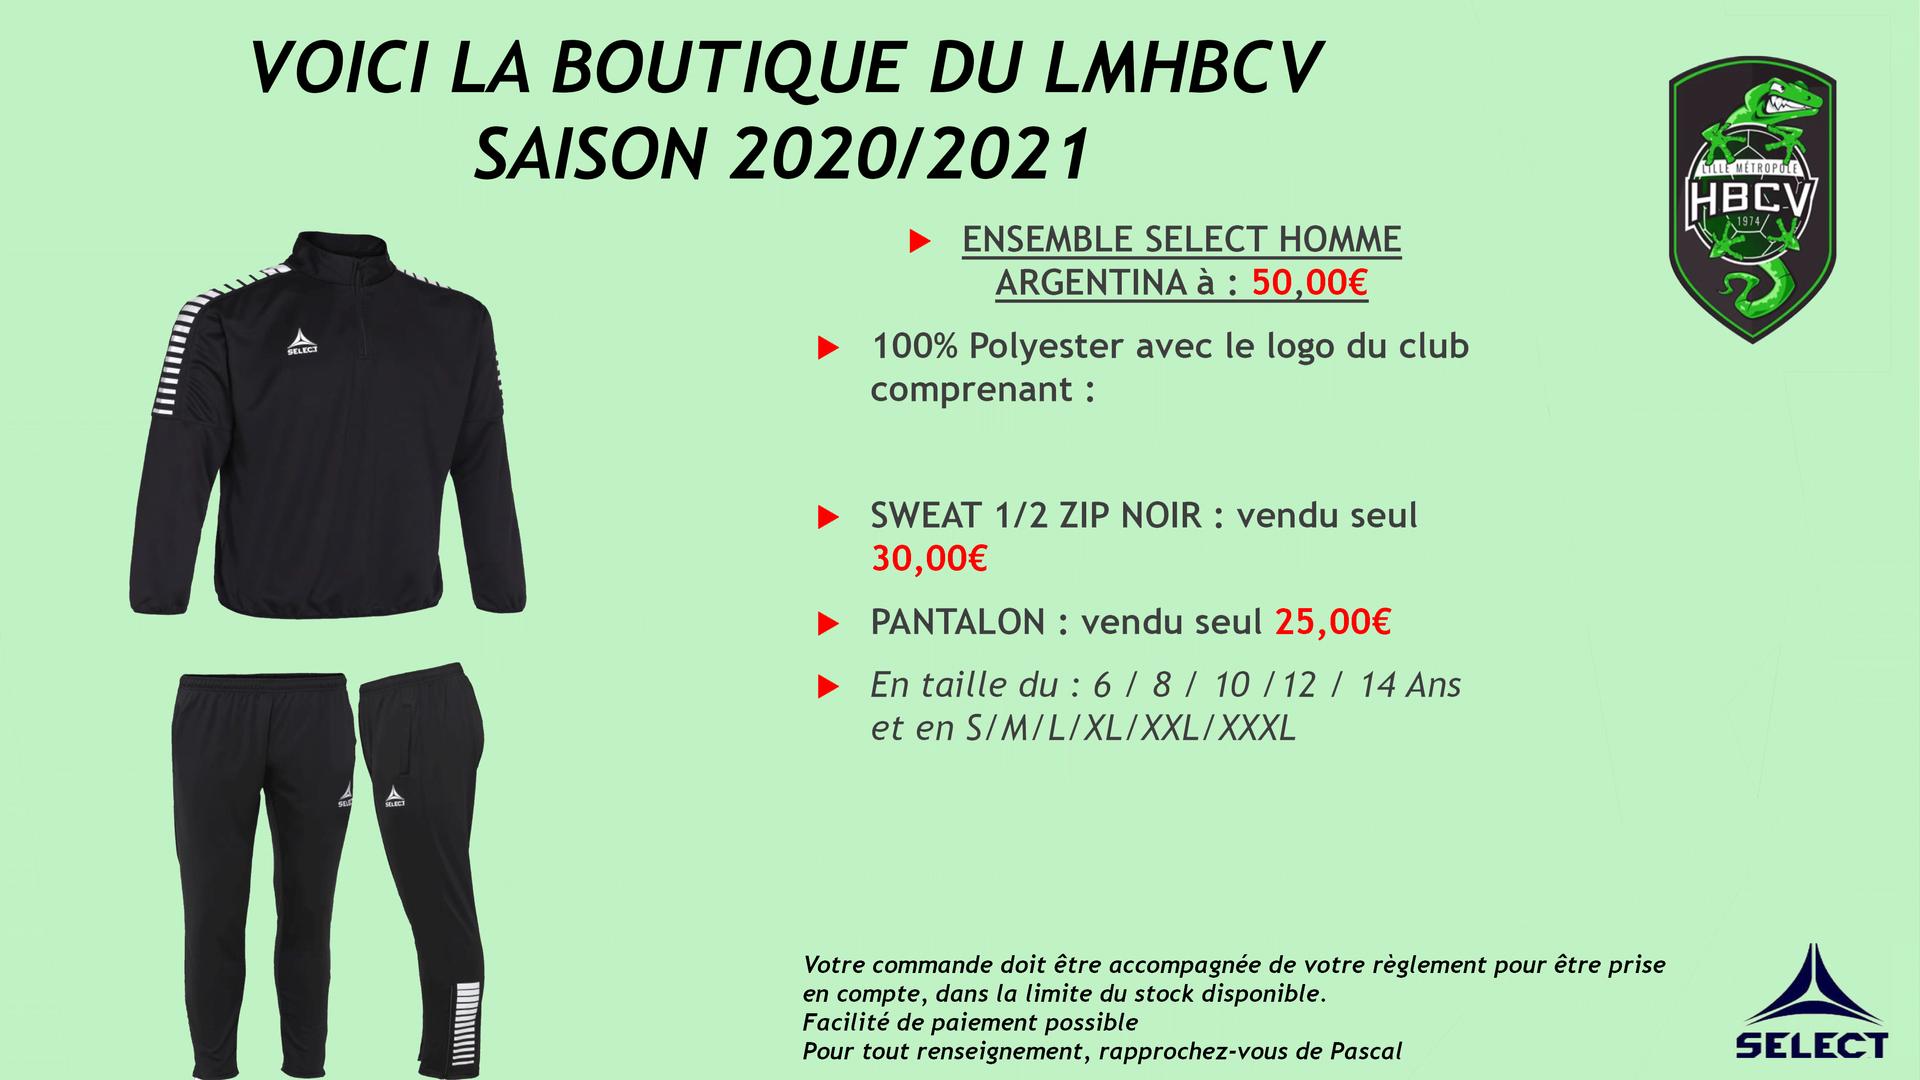 Boutique-LMHBCV-P7.png